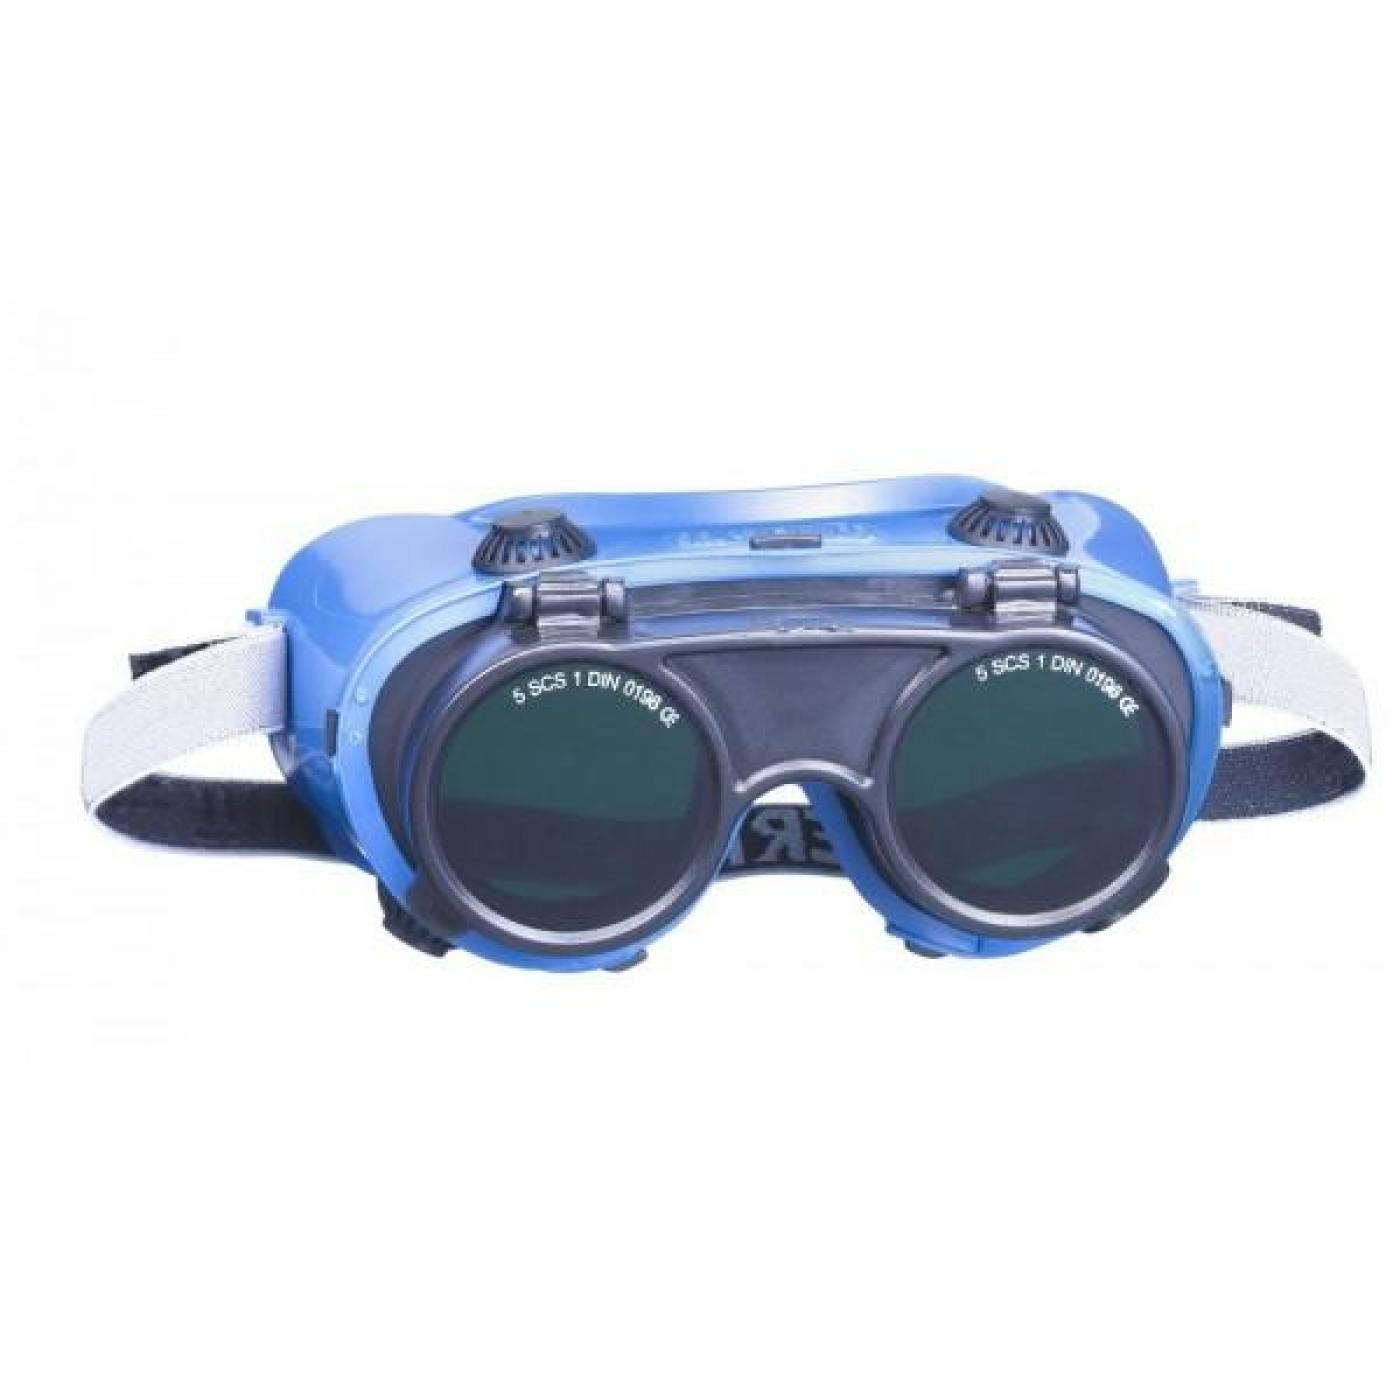 Occhiali di protezione per saldatura SB KWB per € 13,35 in Planeta Huerto